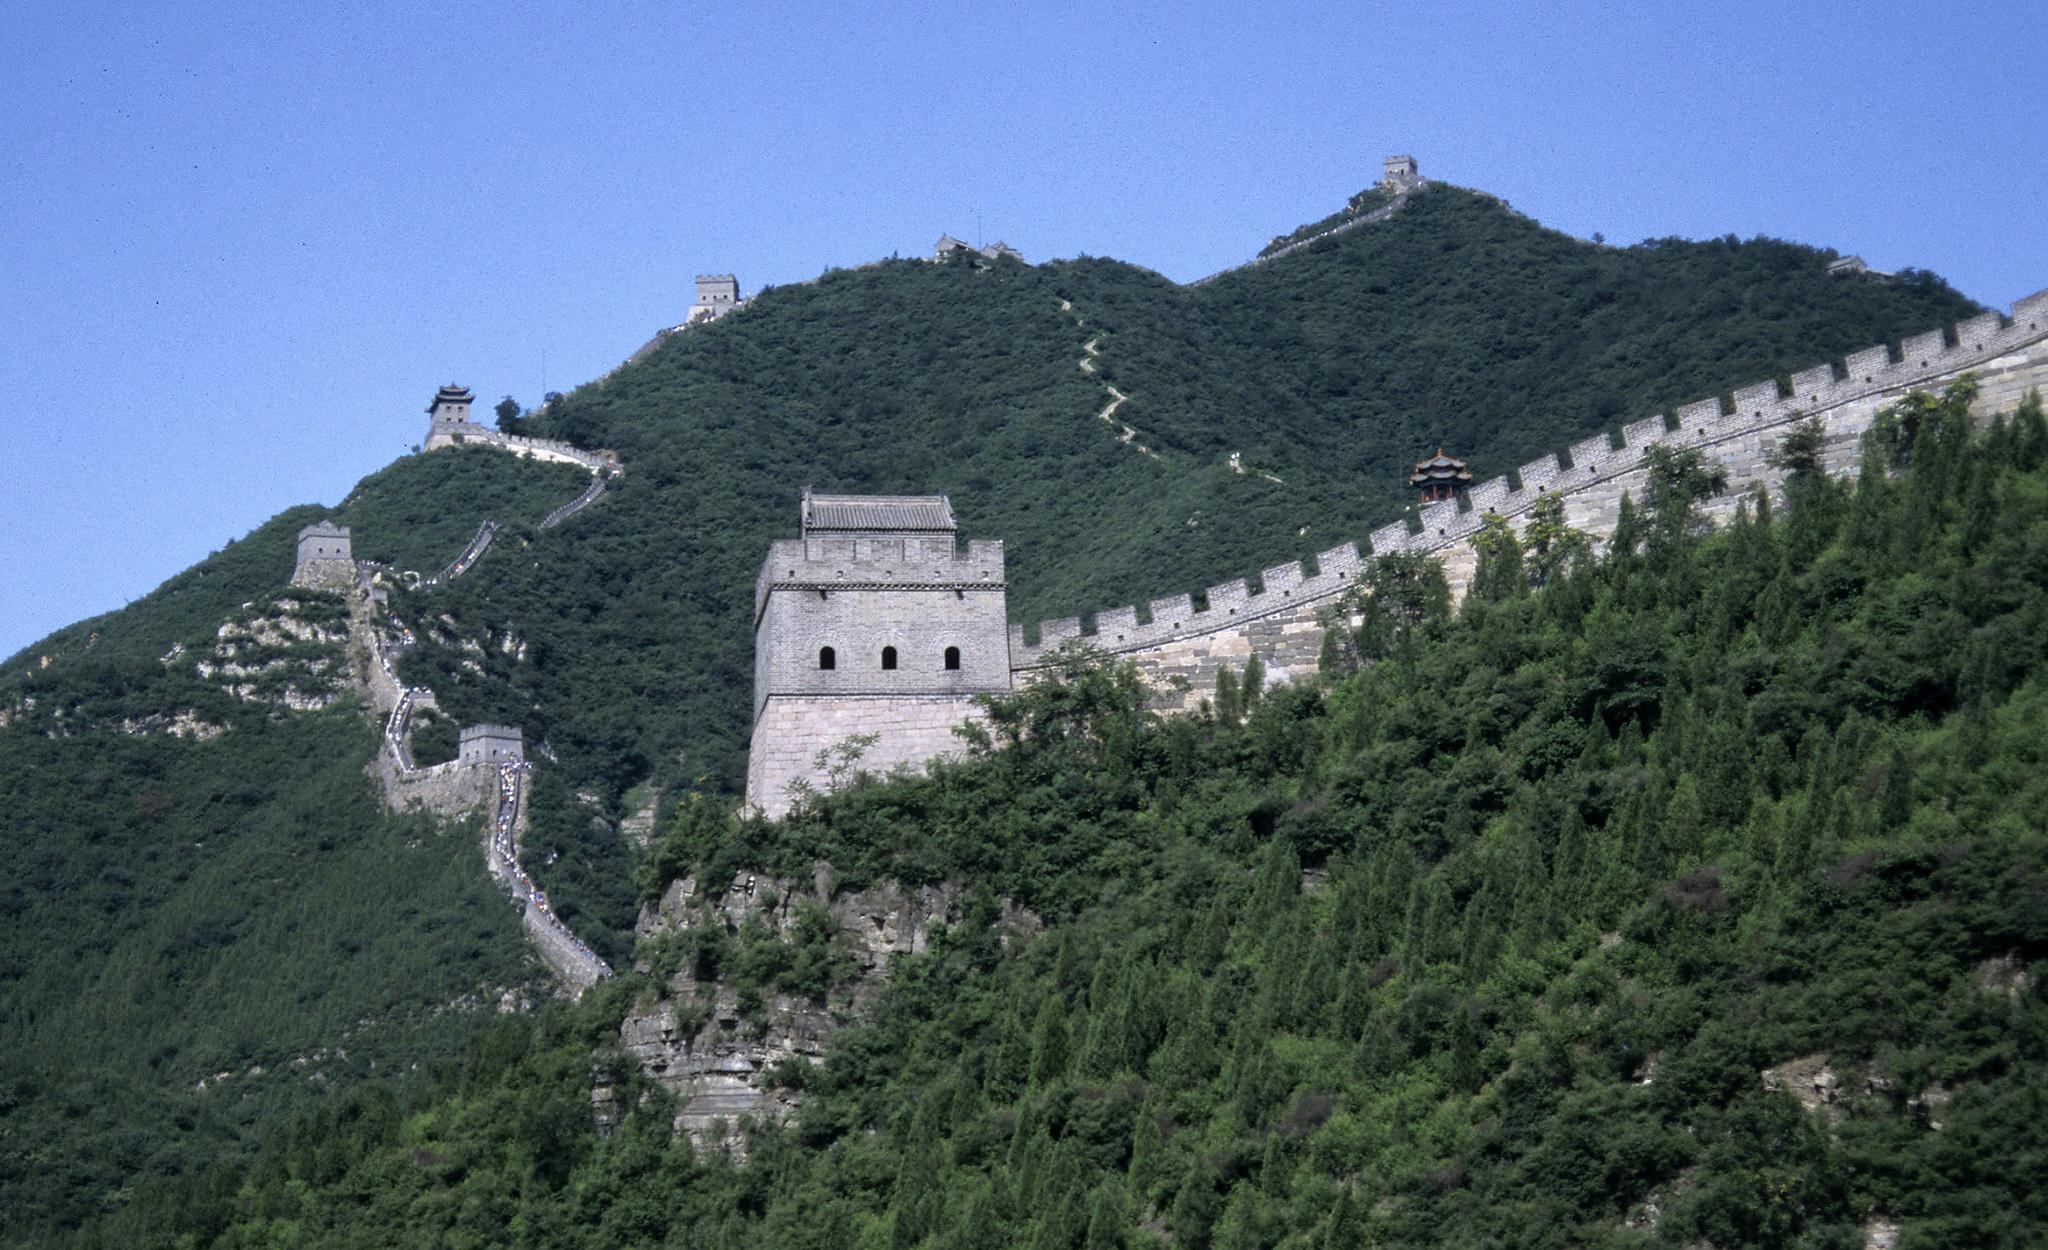 2000 / Great Wall at Badaling